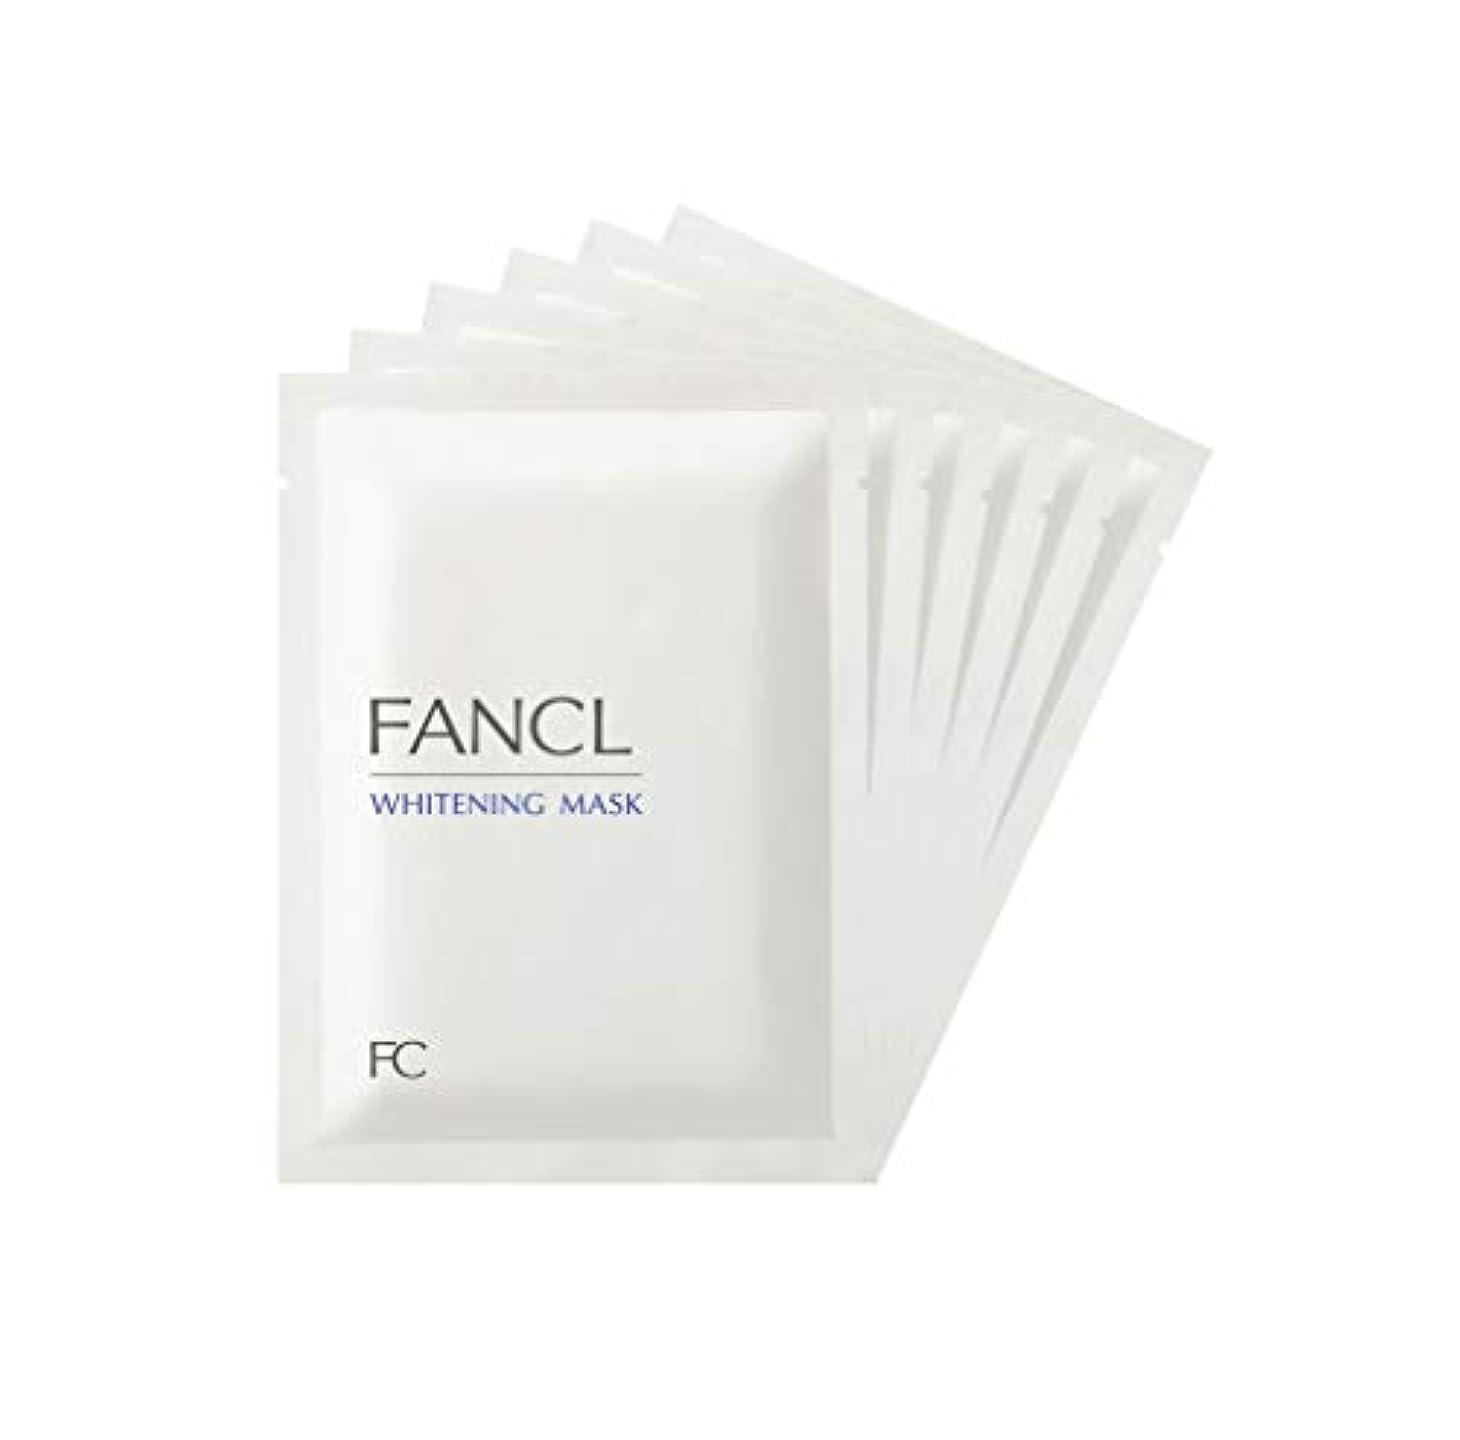 トン能力メロディアスファンケル (FANCL) 新 ホワイトニング マスク 6枚セット (21mL×6) 【医薬部外品】